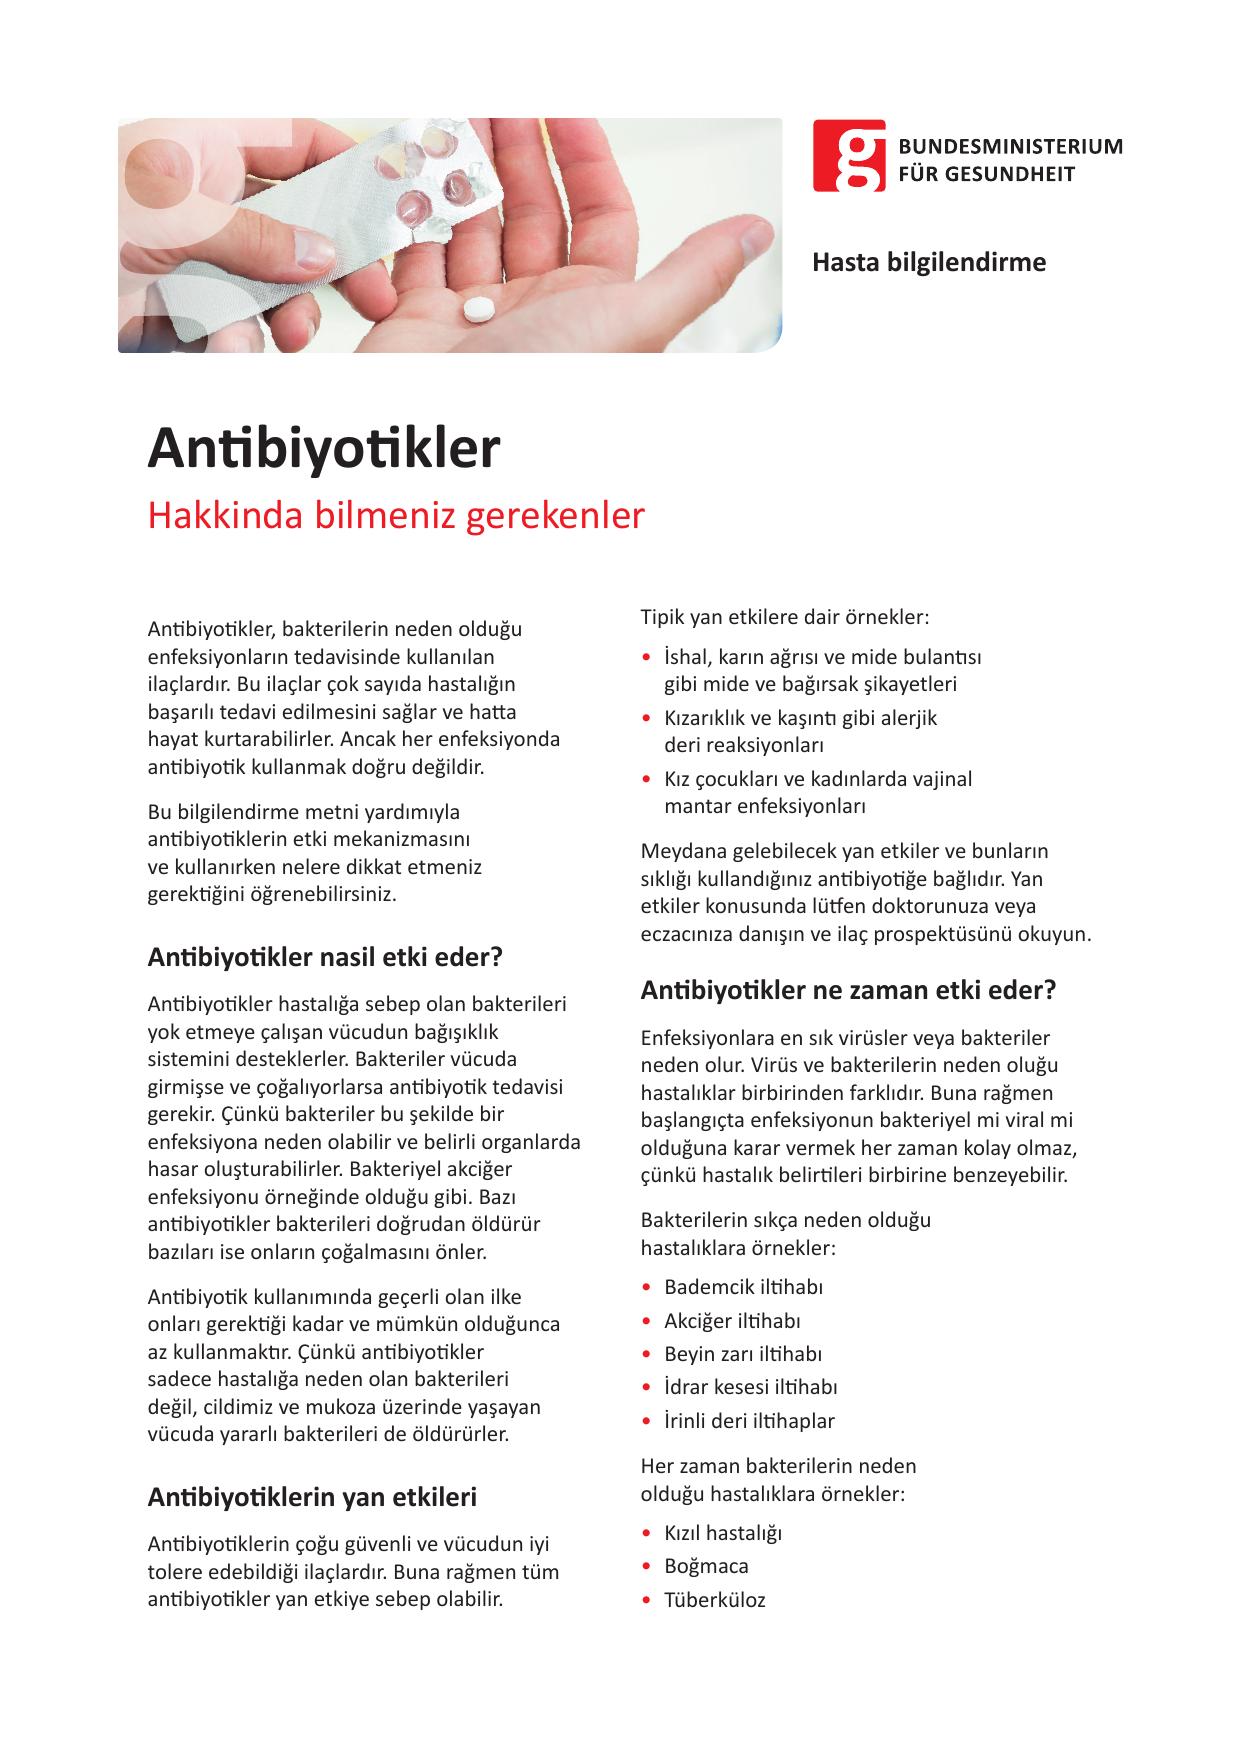 Antibiyotik neyden yapılır, Antibiyotik etkileri nelerdir